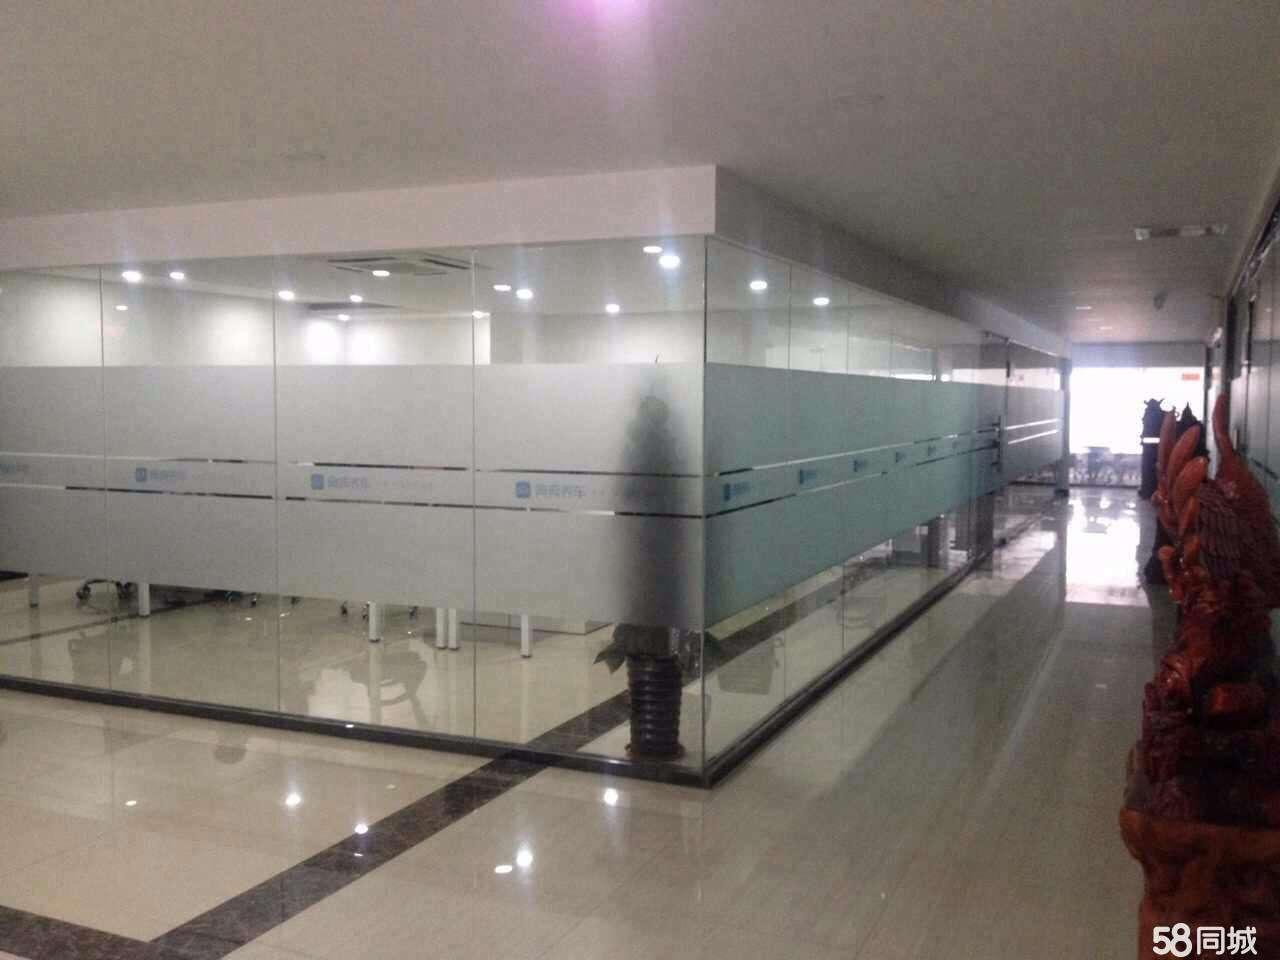 防撞贴_上海办公室玻璃贴膜隔断贴膜-上海品膜实业有限公司提供上海 ...